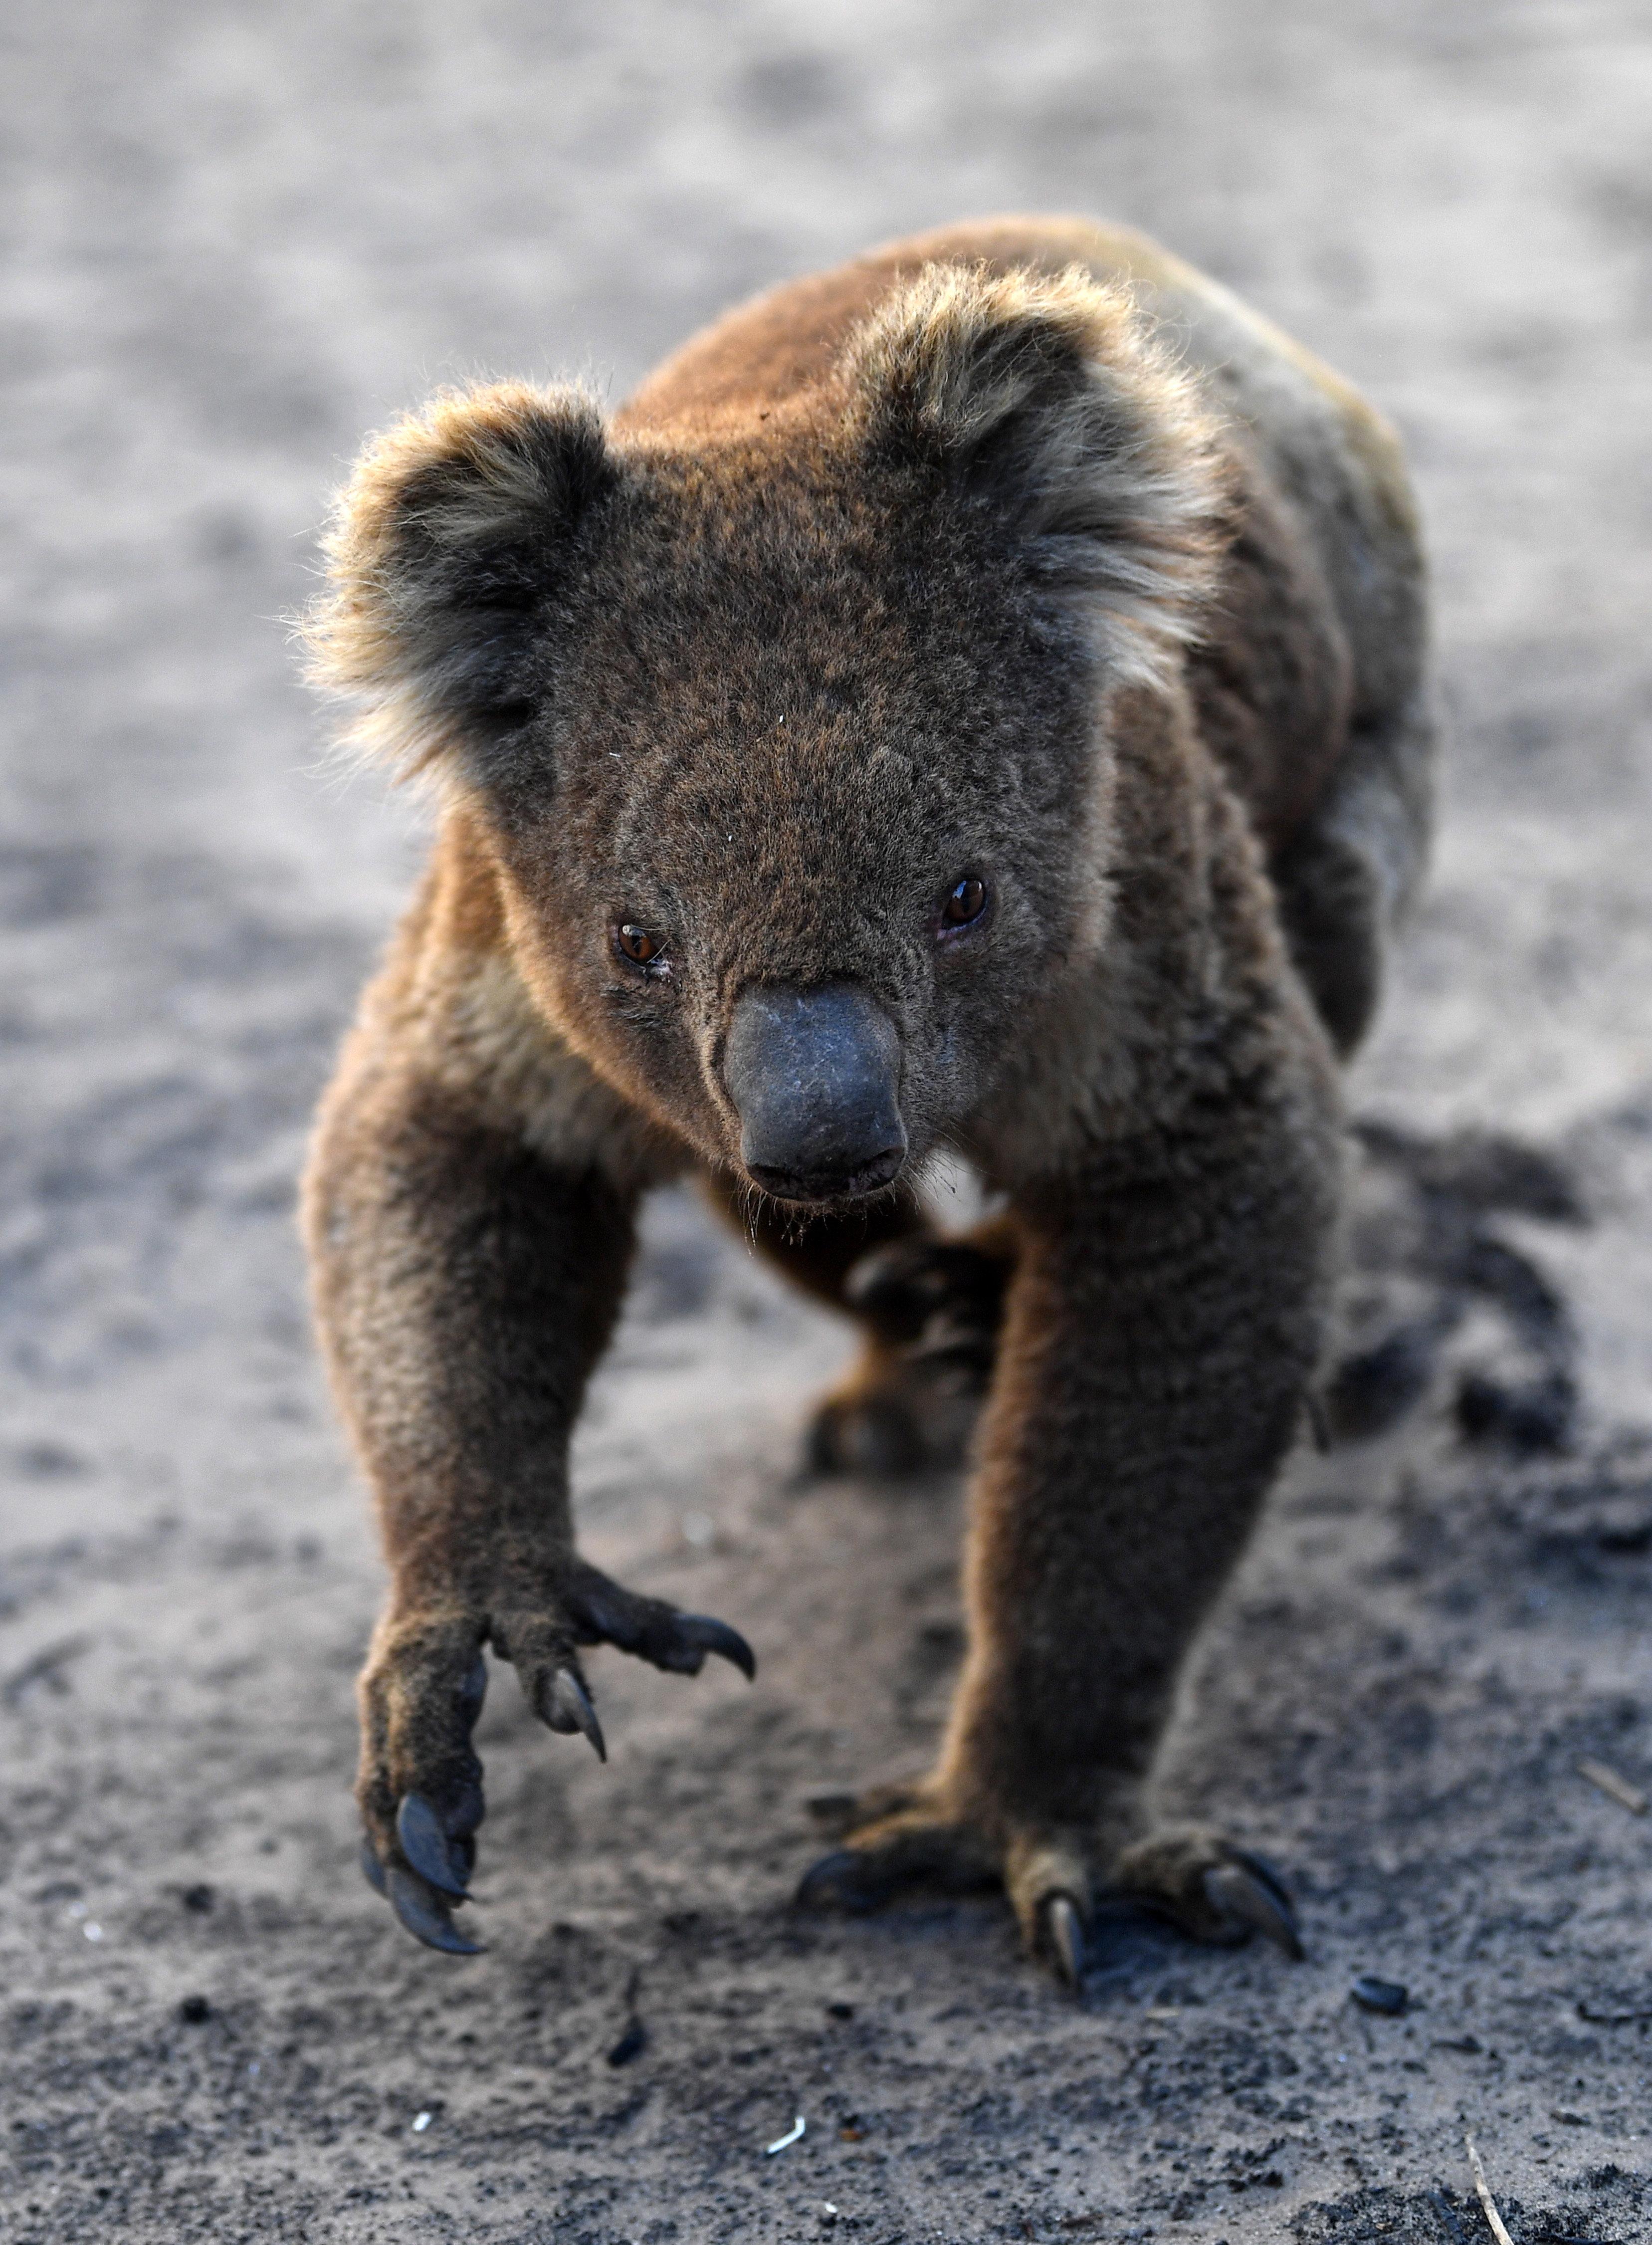 parazita Ausztráliában a paraziták a megelőzés és a megtisztítás legjobb módjai